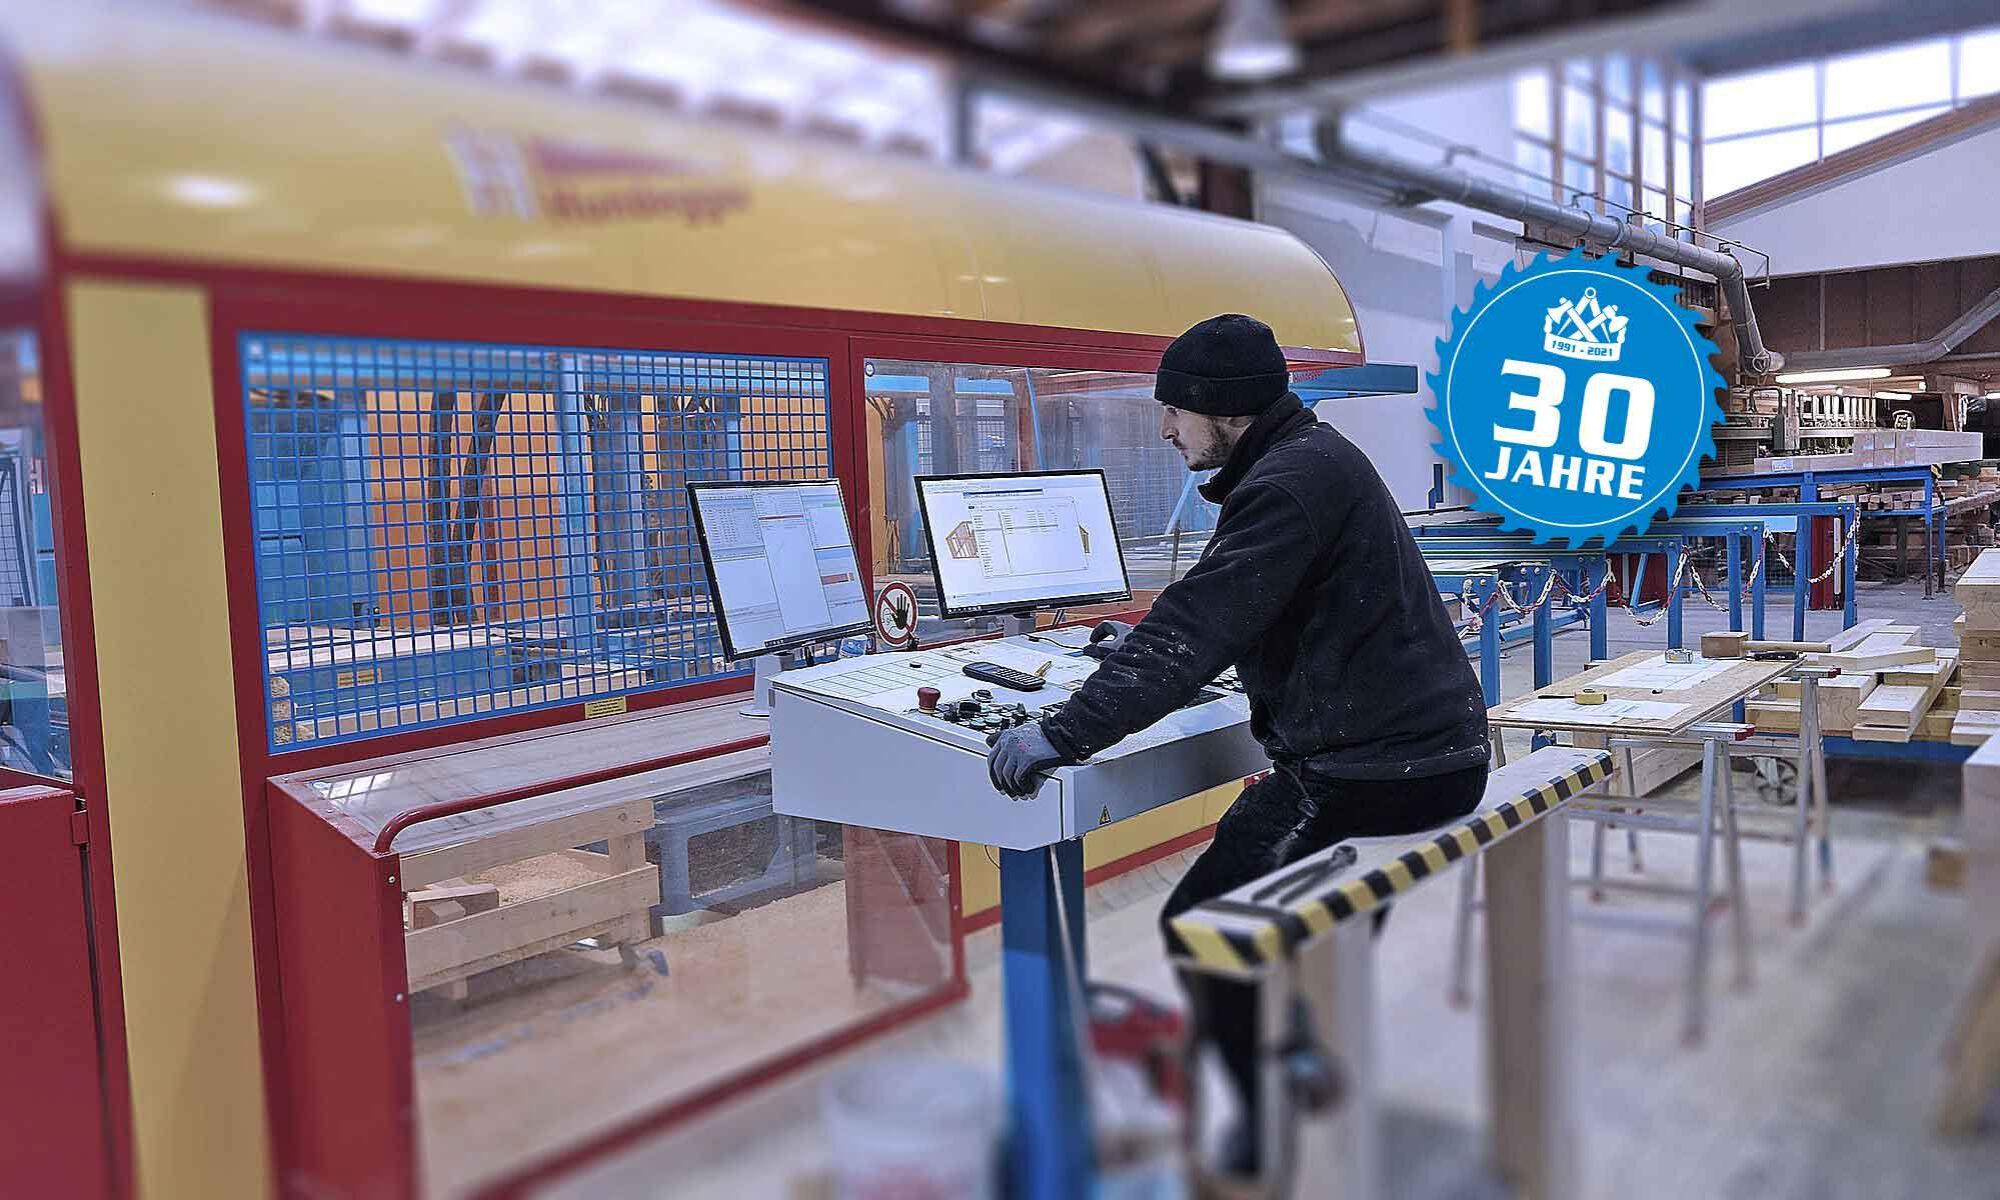 Zimmerei-Holzbau Helmut Schäfer GmbH & Co. KG